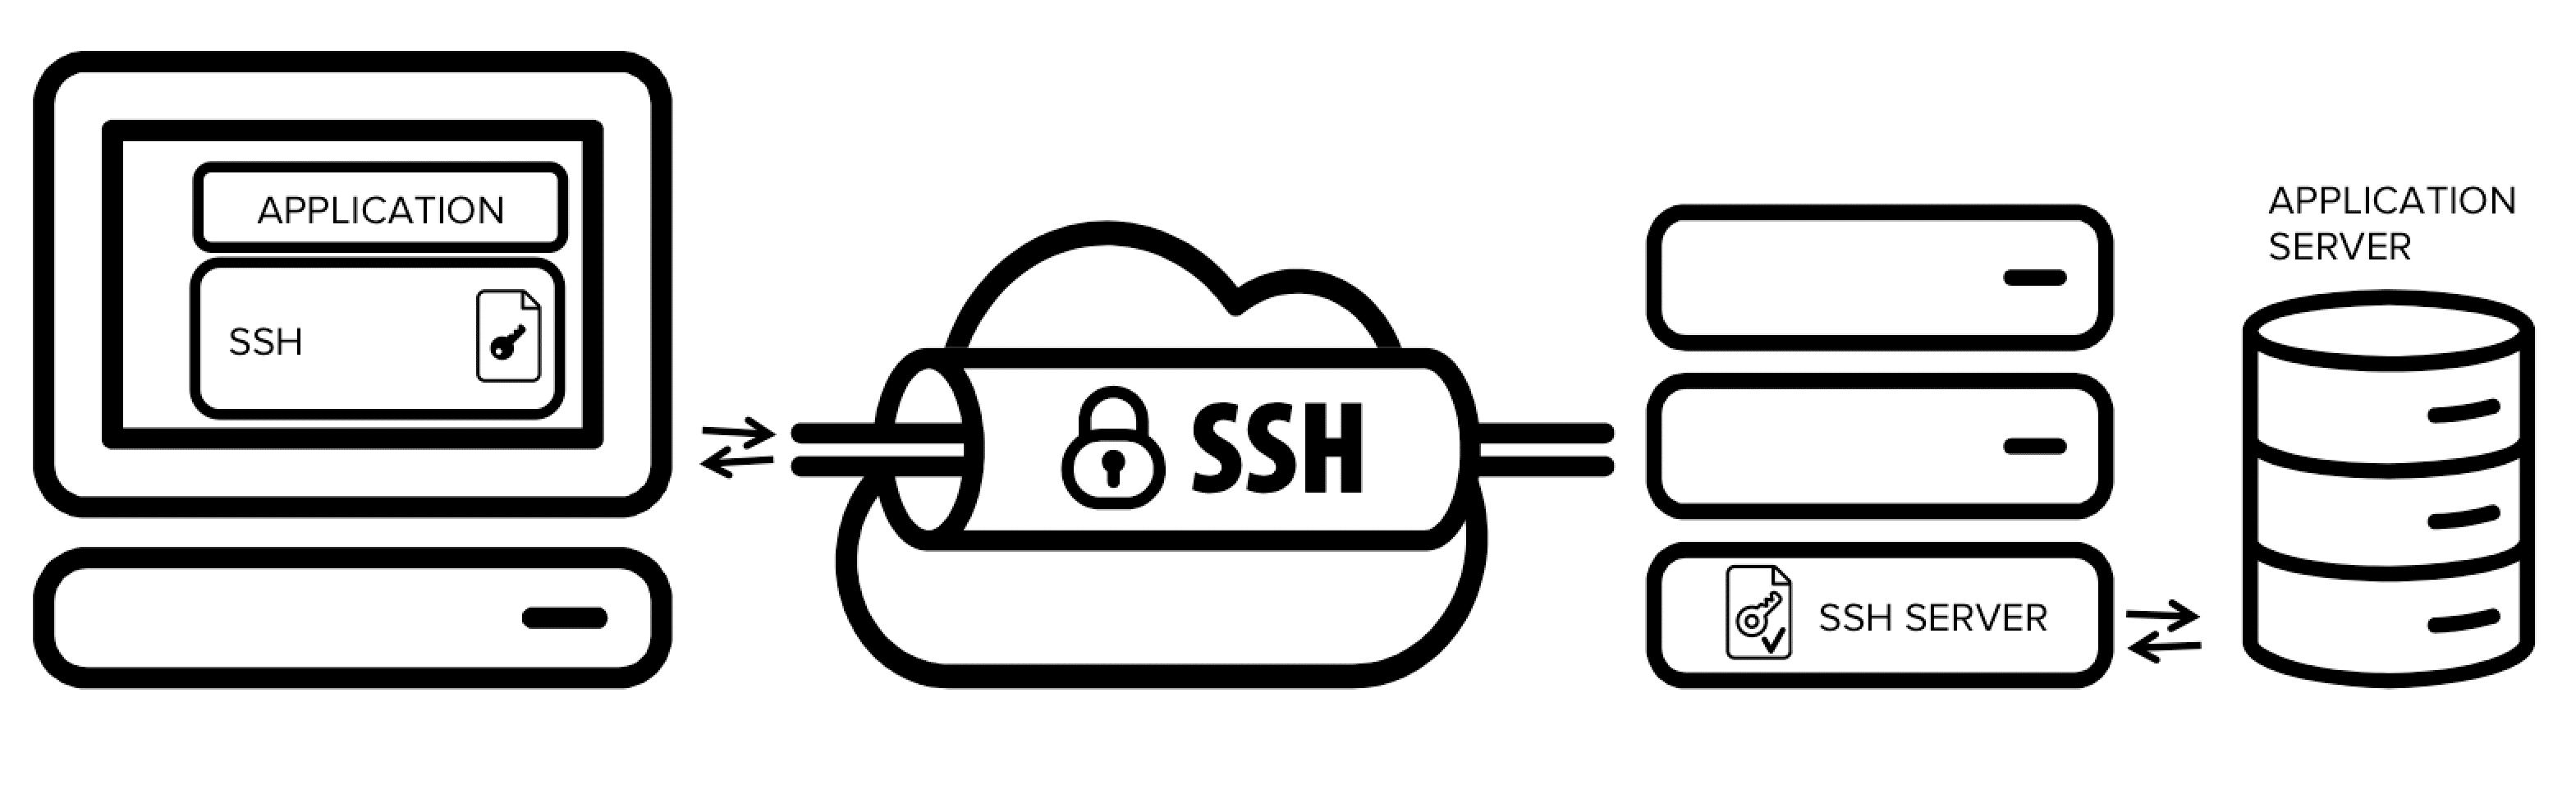 Apa yang dimaksud dengan SSH